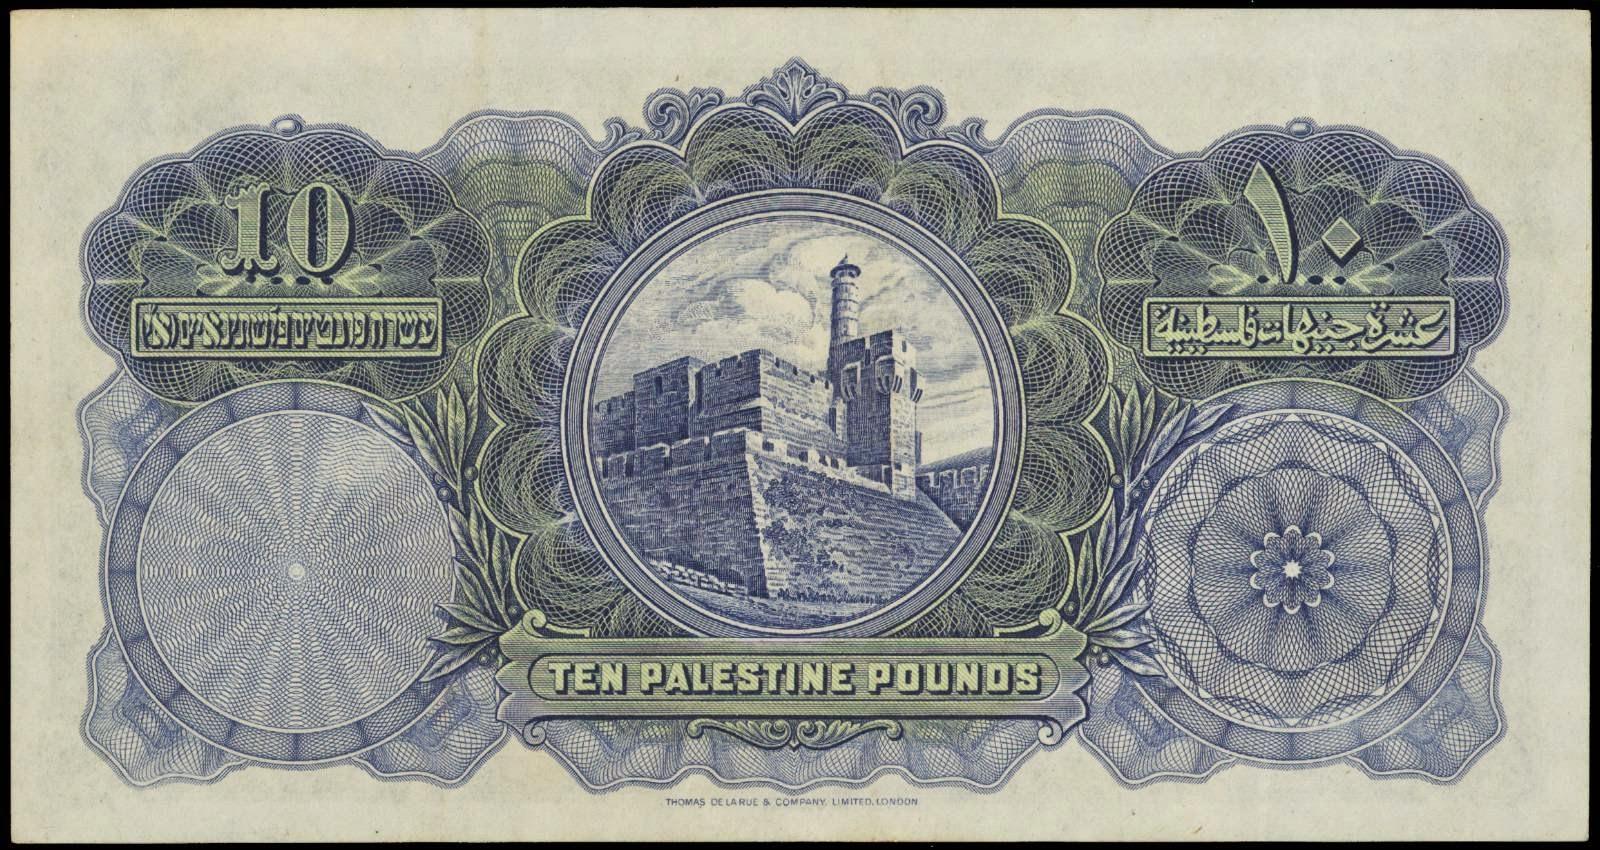 10 Palestine Pounds